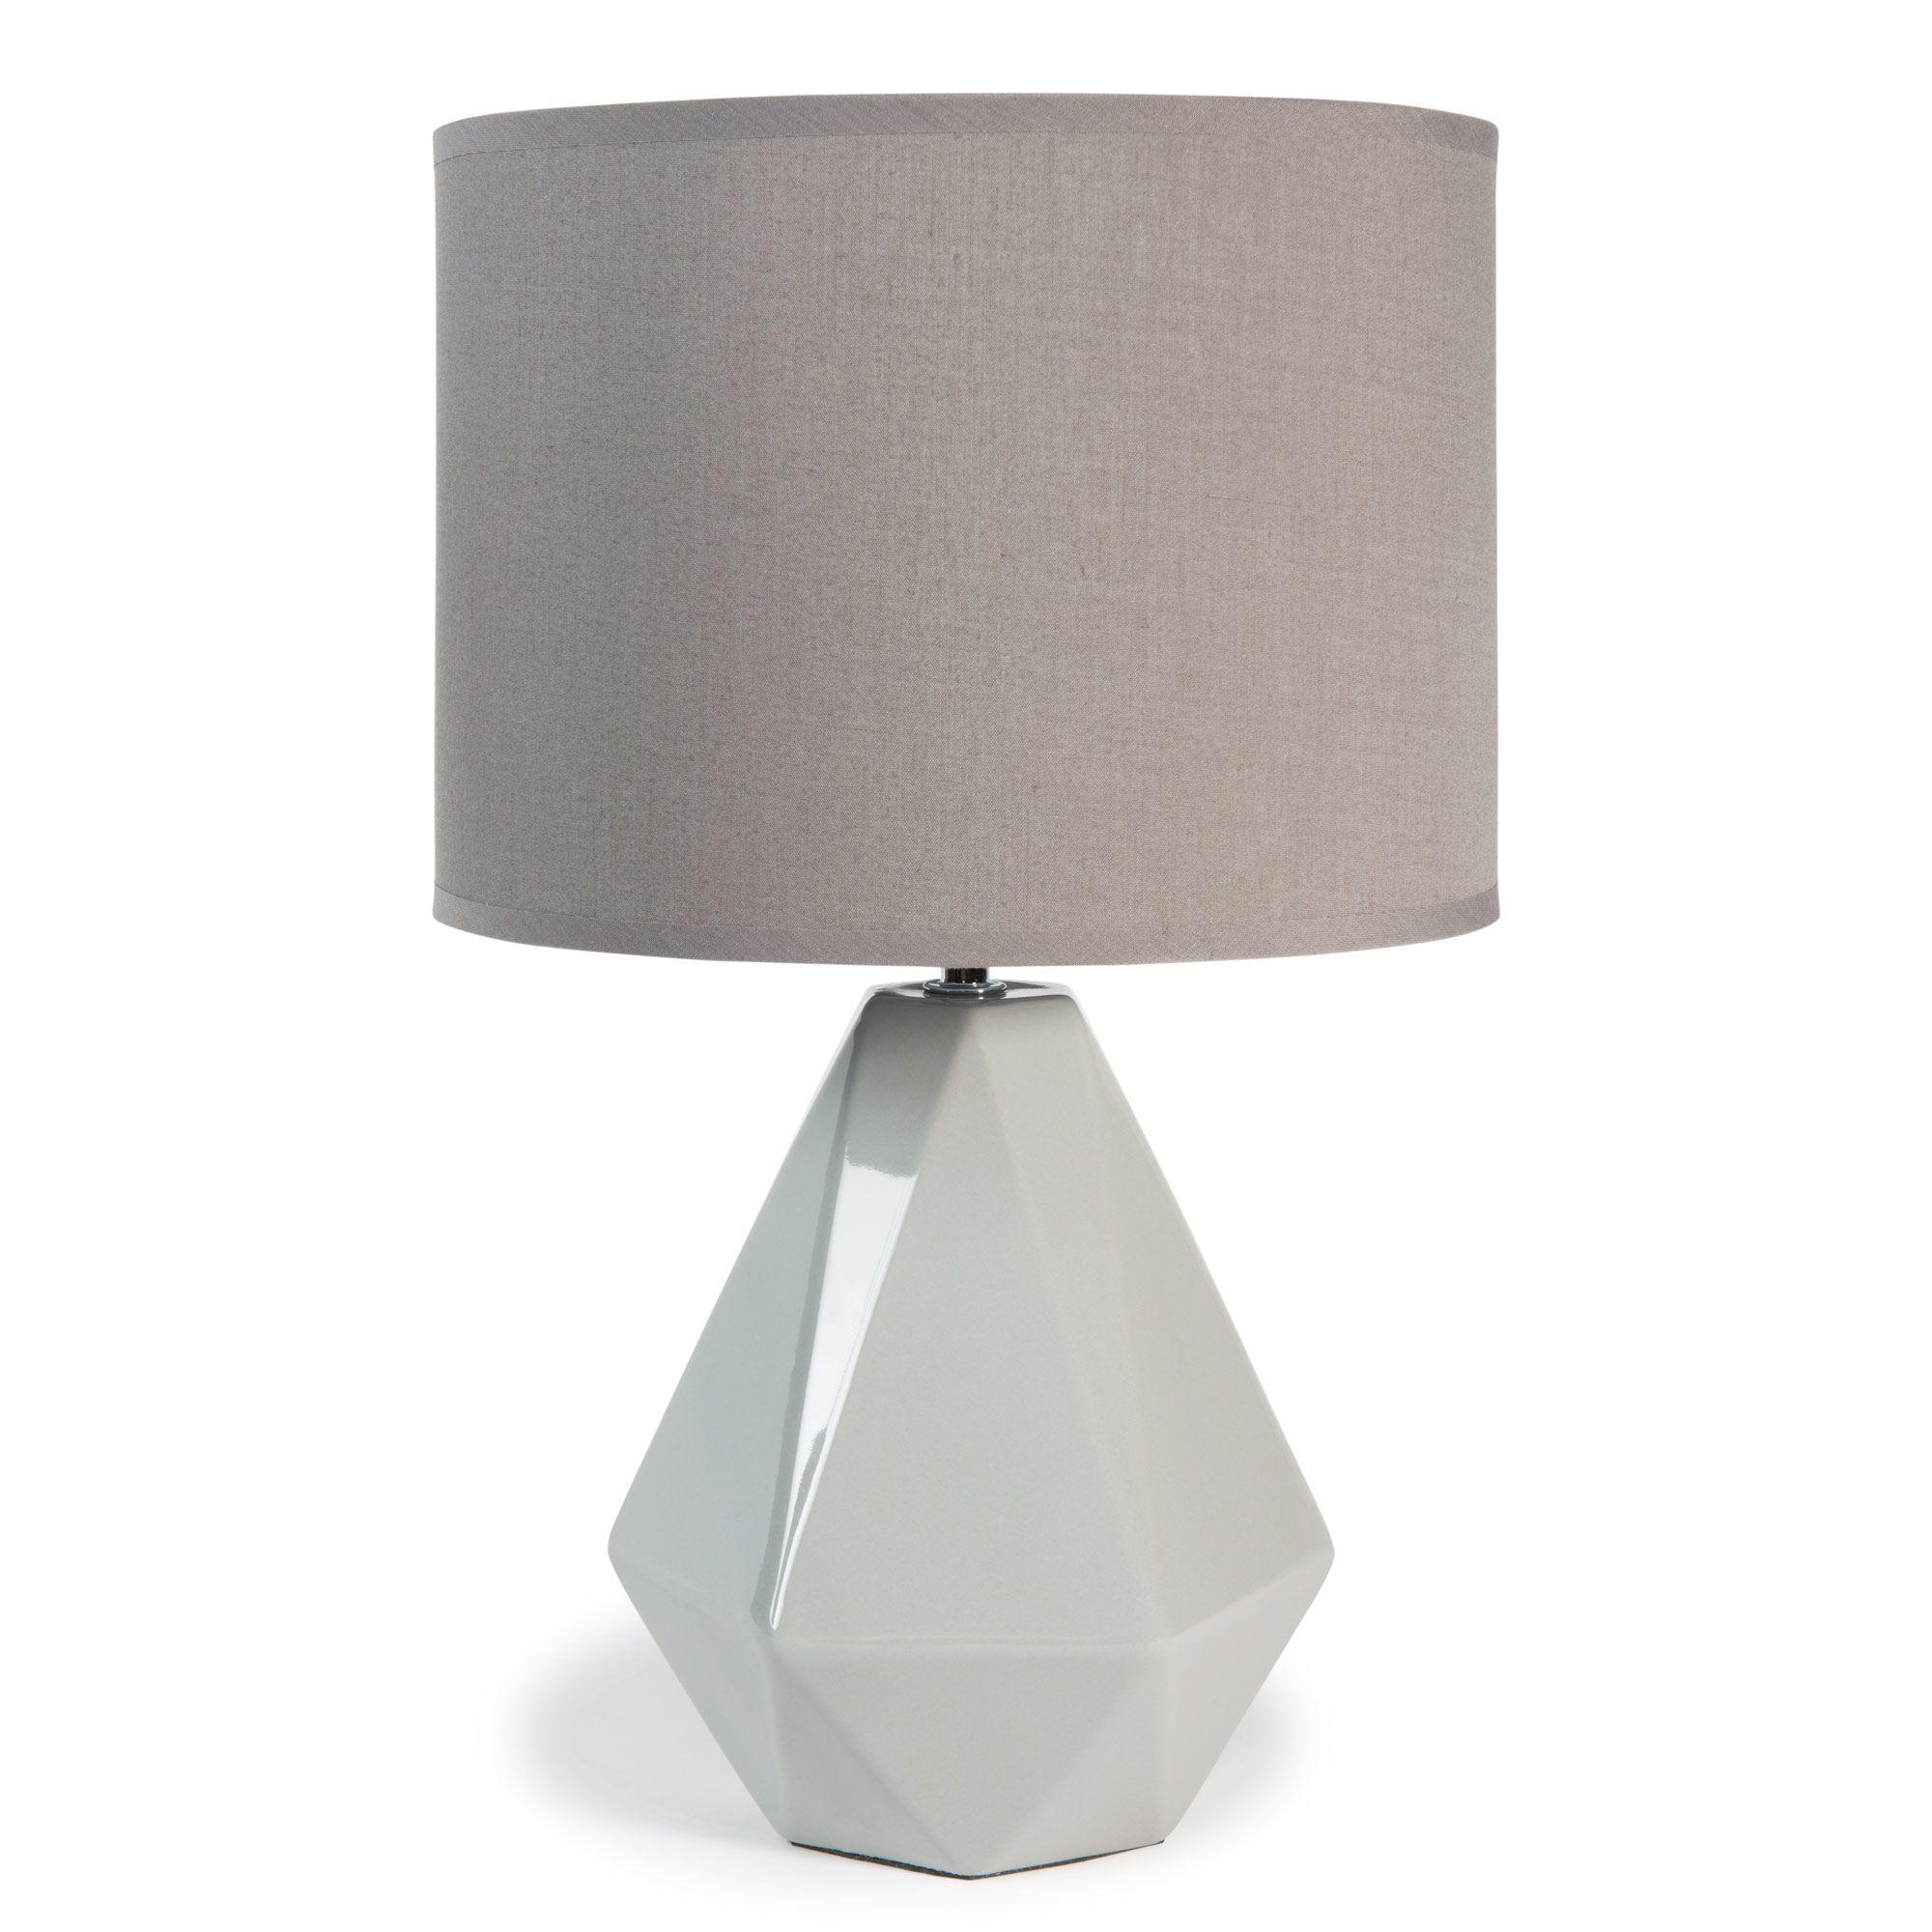 affordable lampe poser en cramique et tissu grise h cm. Black Bedroom Furniture Sets. Home Design Ideas